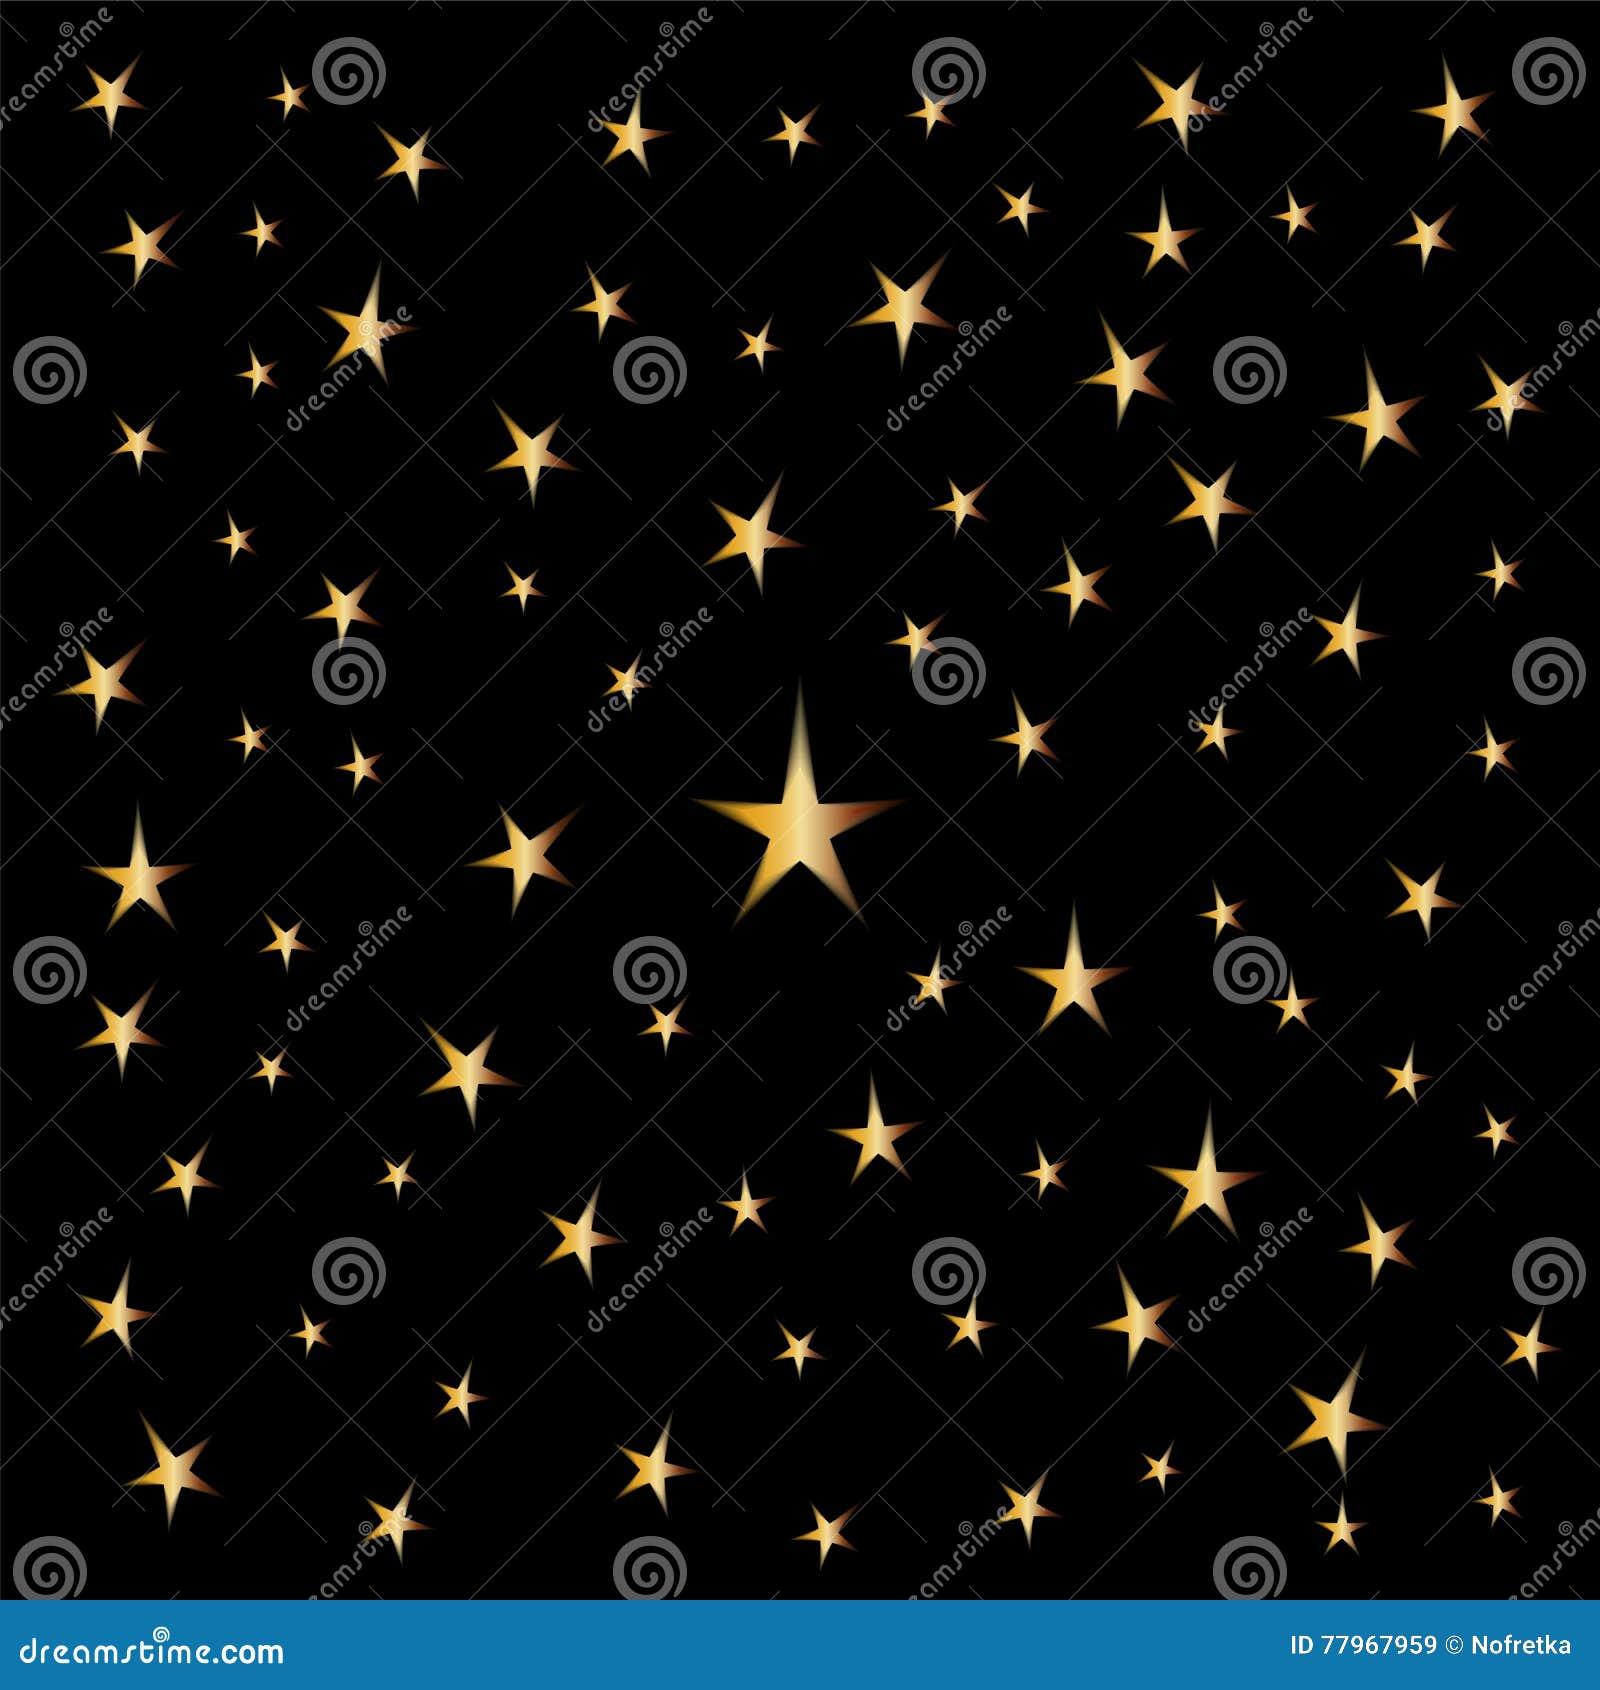 Schoudertas Met Sterren : Gouden sterren op zwarte achtergrond geschikt voor textiel